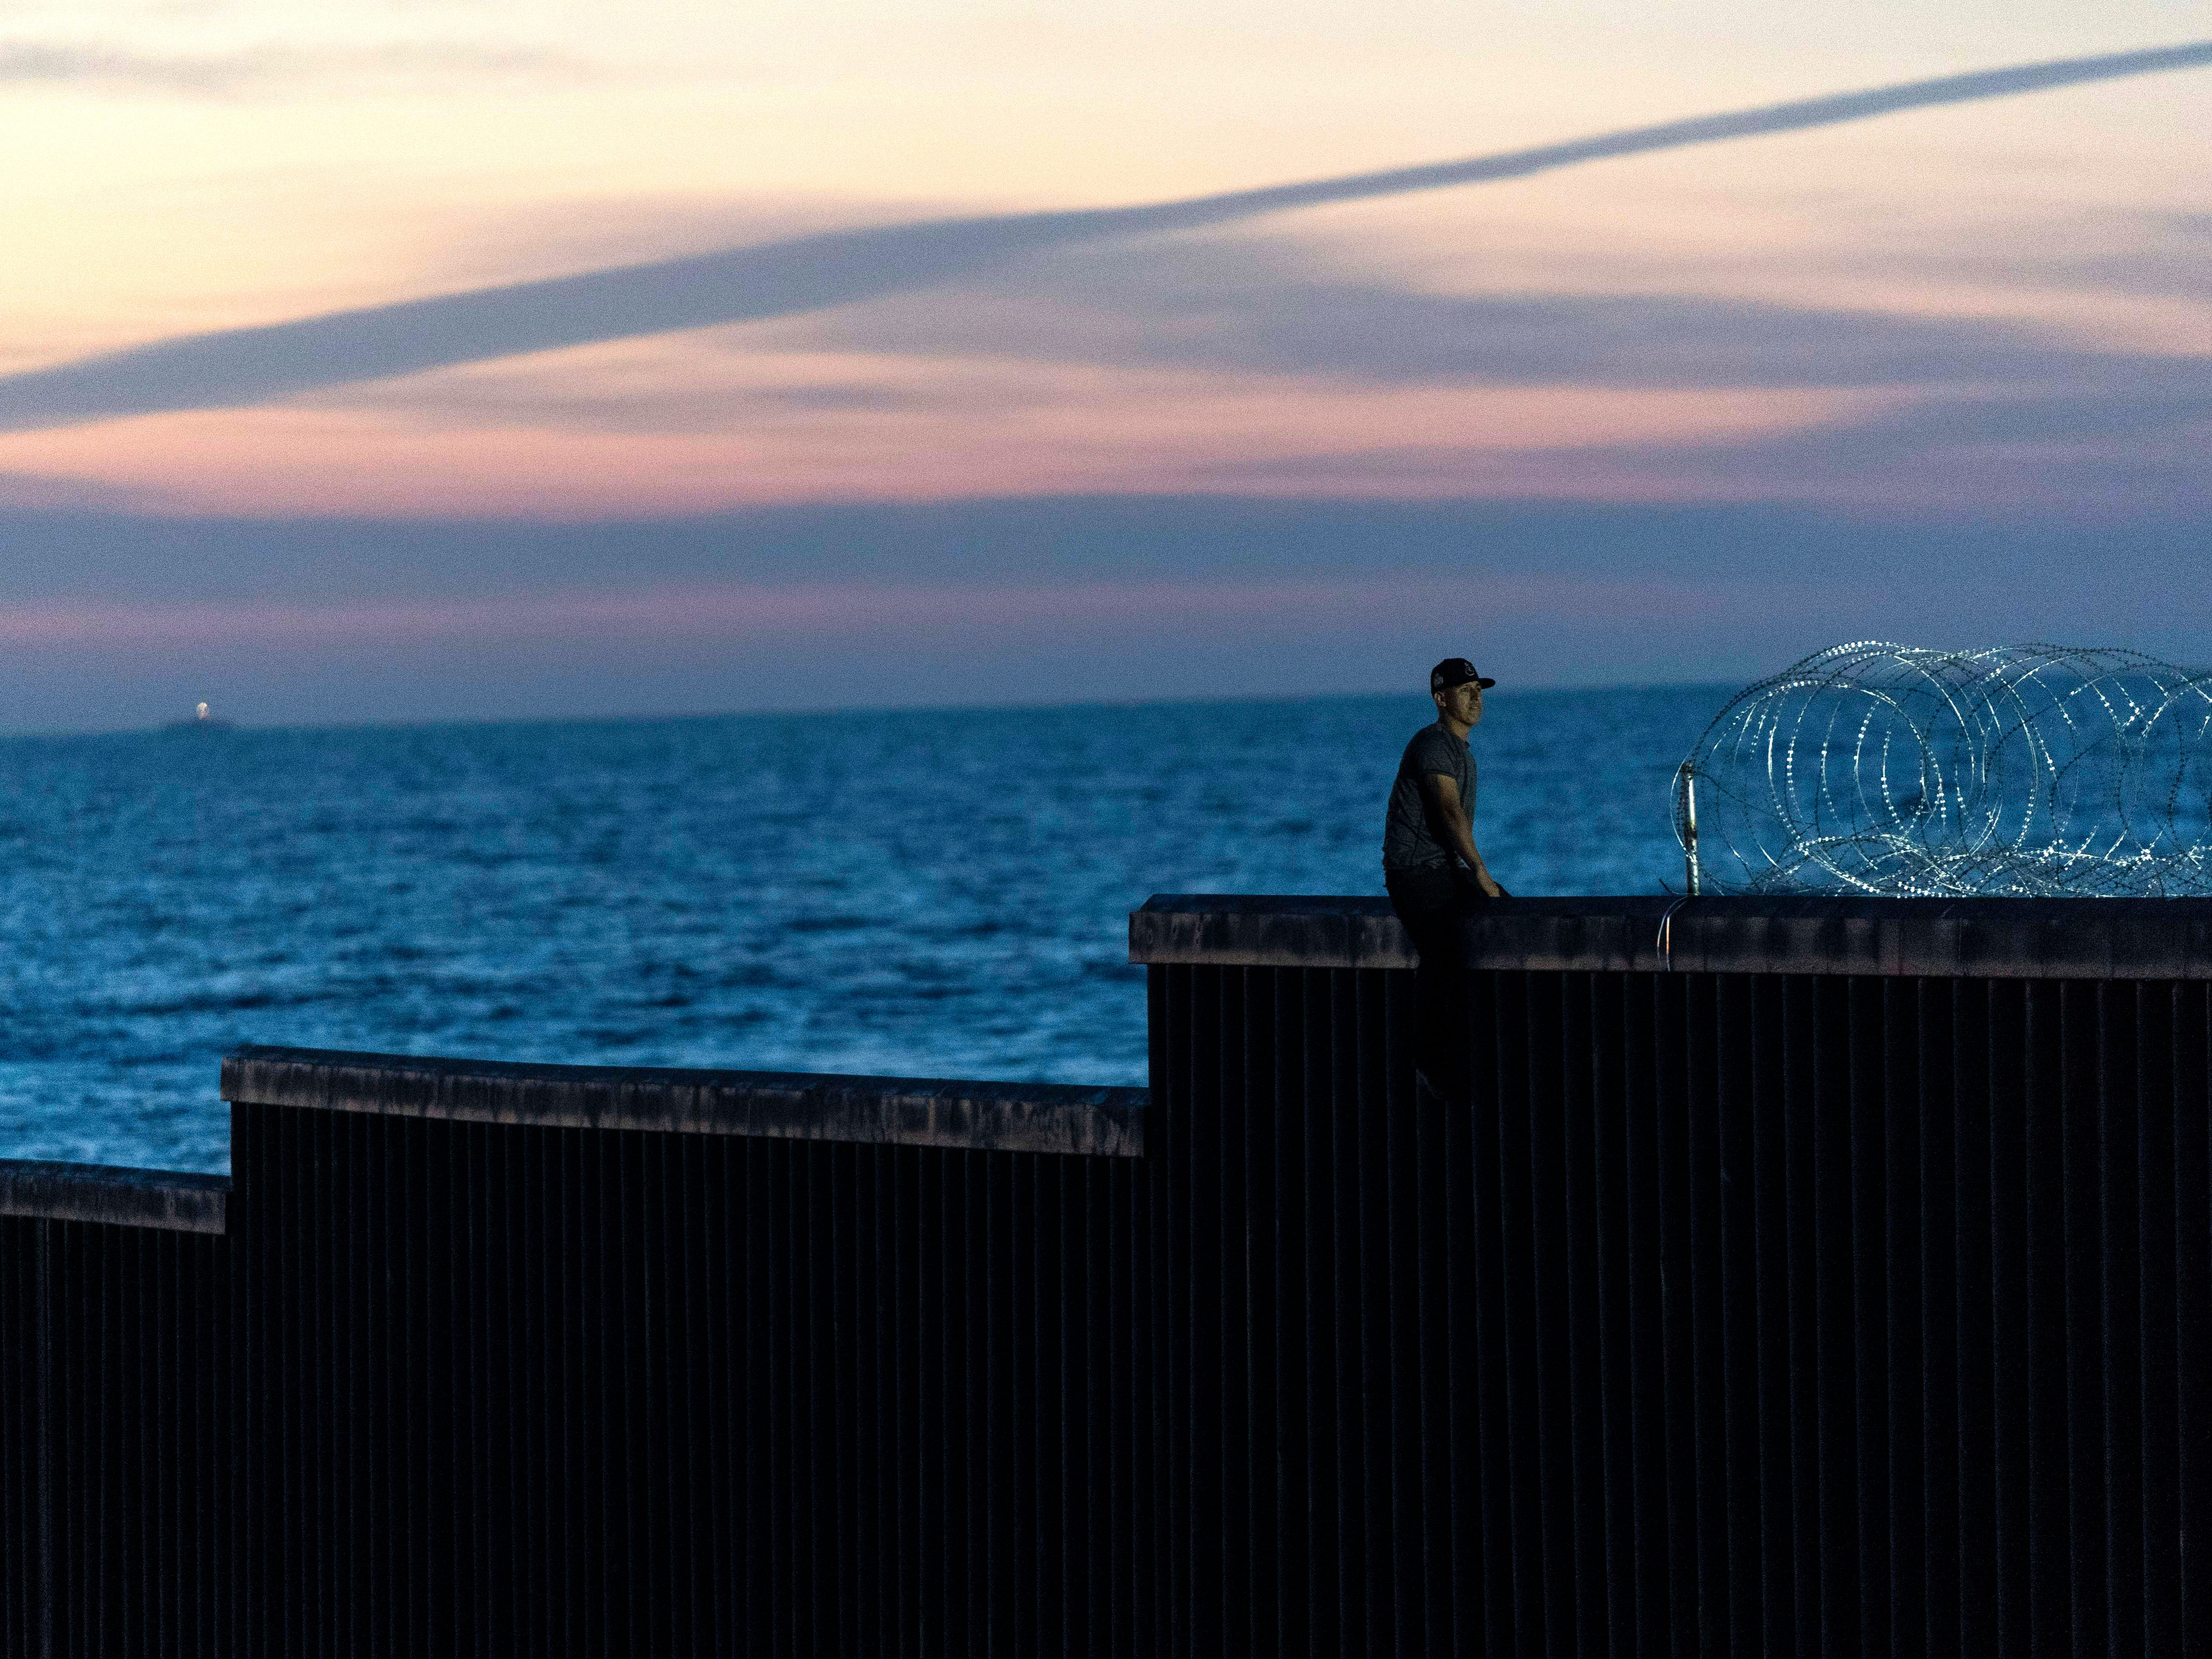 A man tries to climb over the U.S.-Mexico border fence at Playas de Tijuana, Mexico on Nov. 18, 2018.